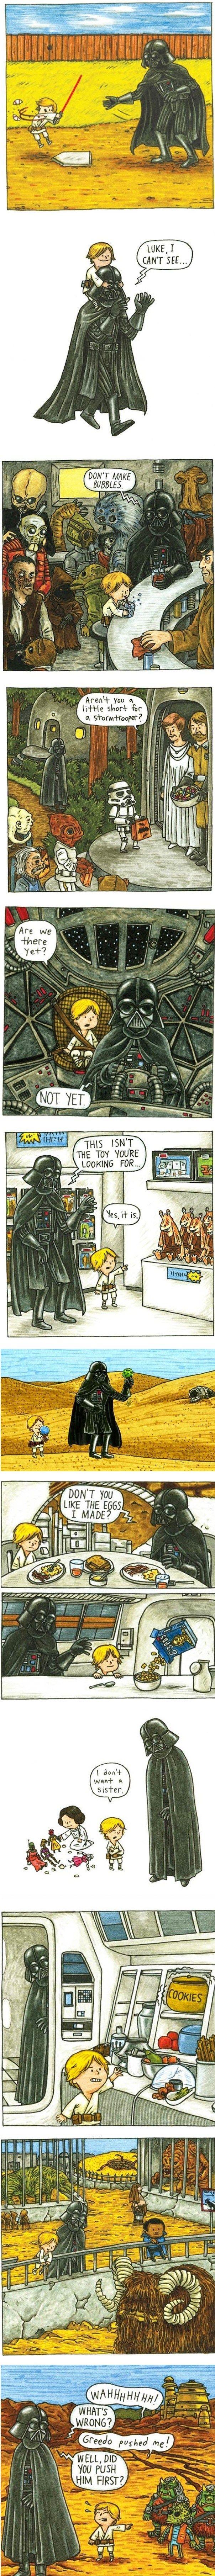 If dearth vader kept Luke...